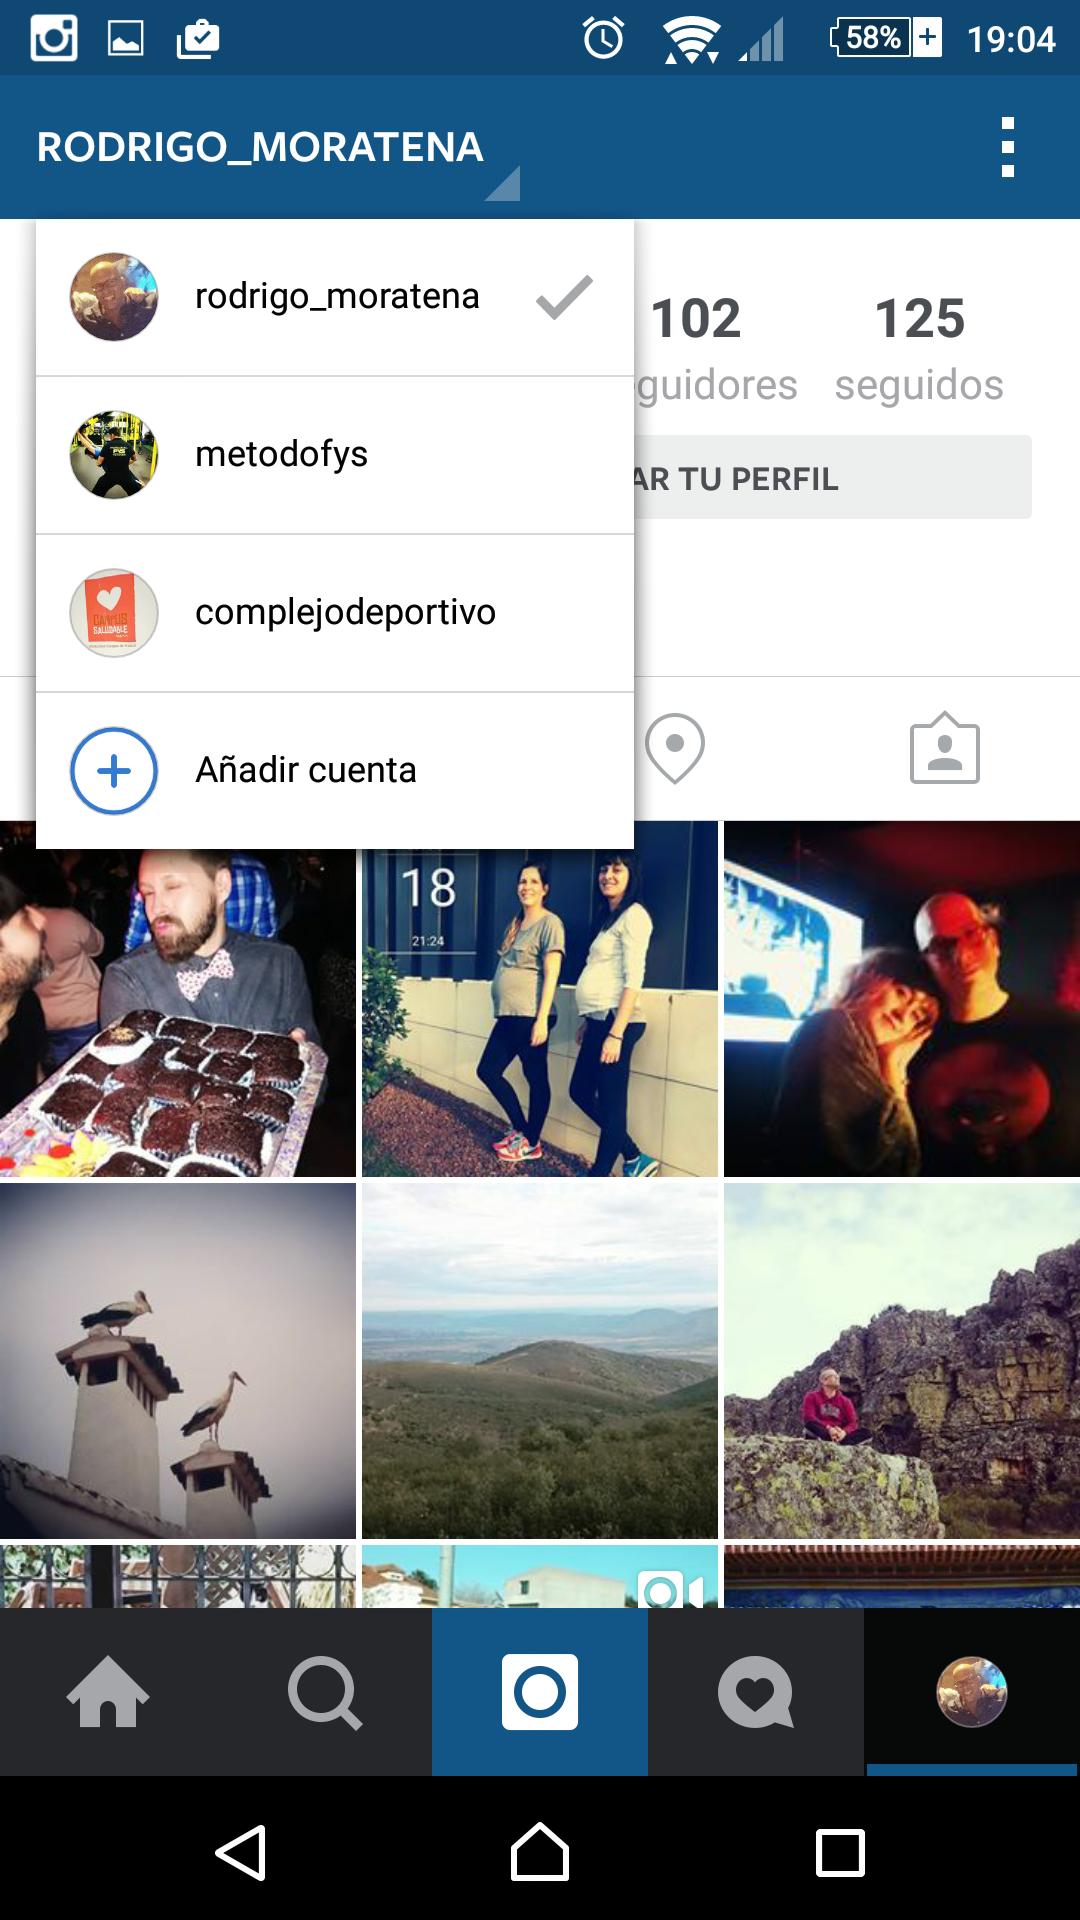 instagram-screenshot3